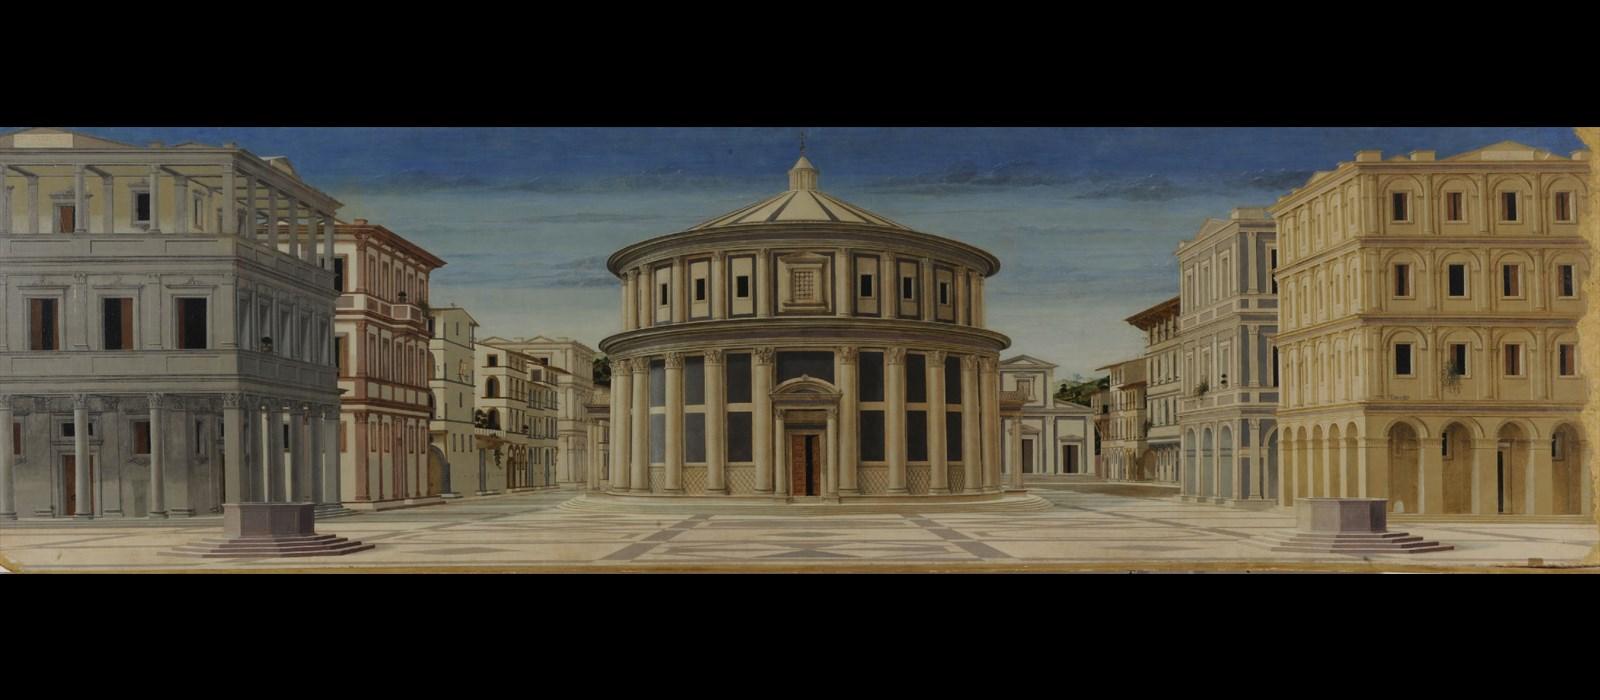 La città ideale - Galleria Nazione delle Marche